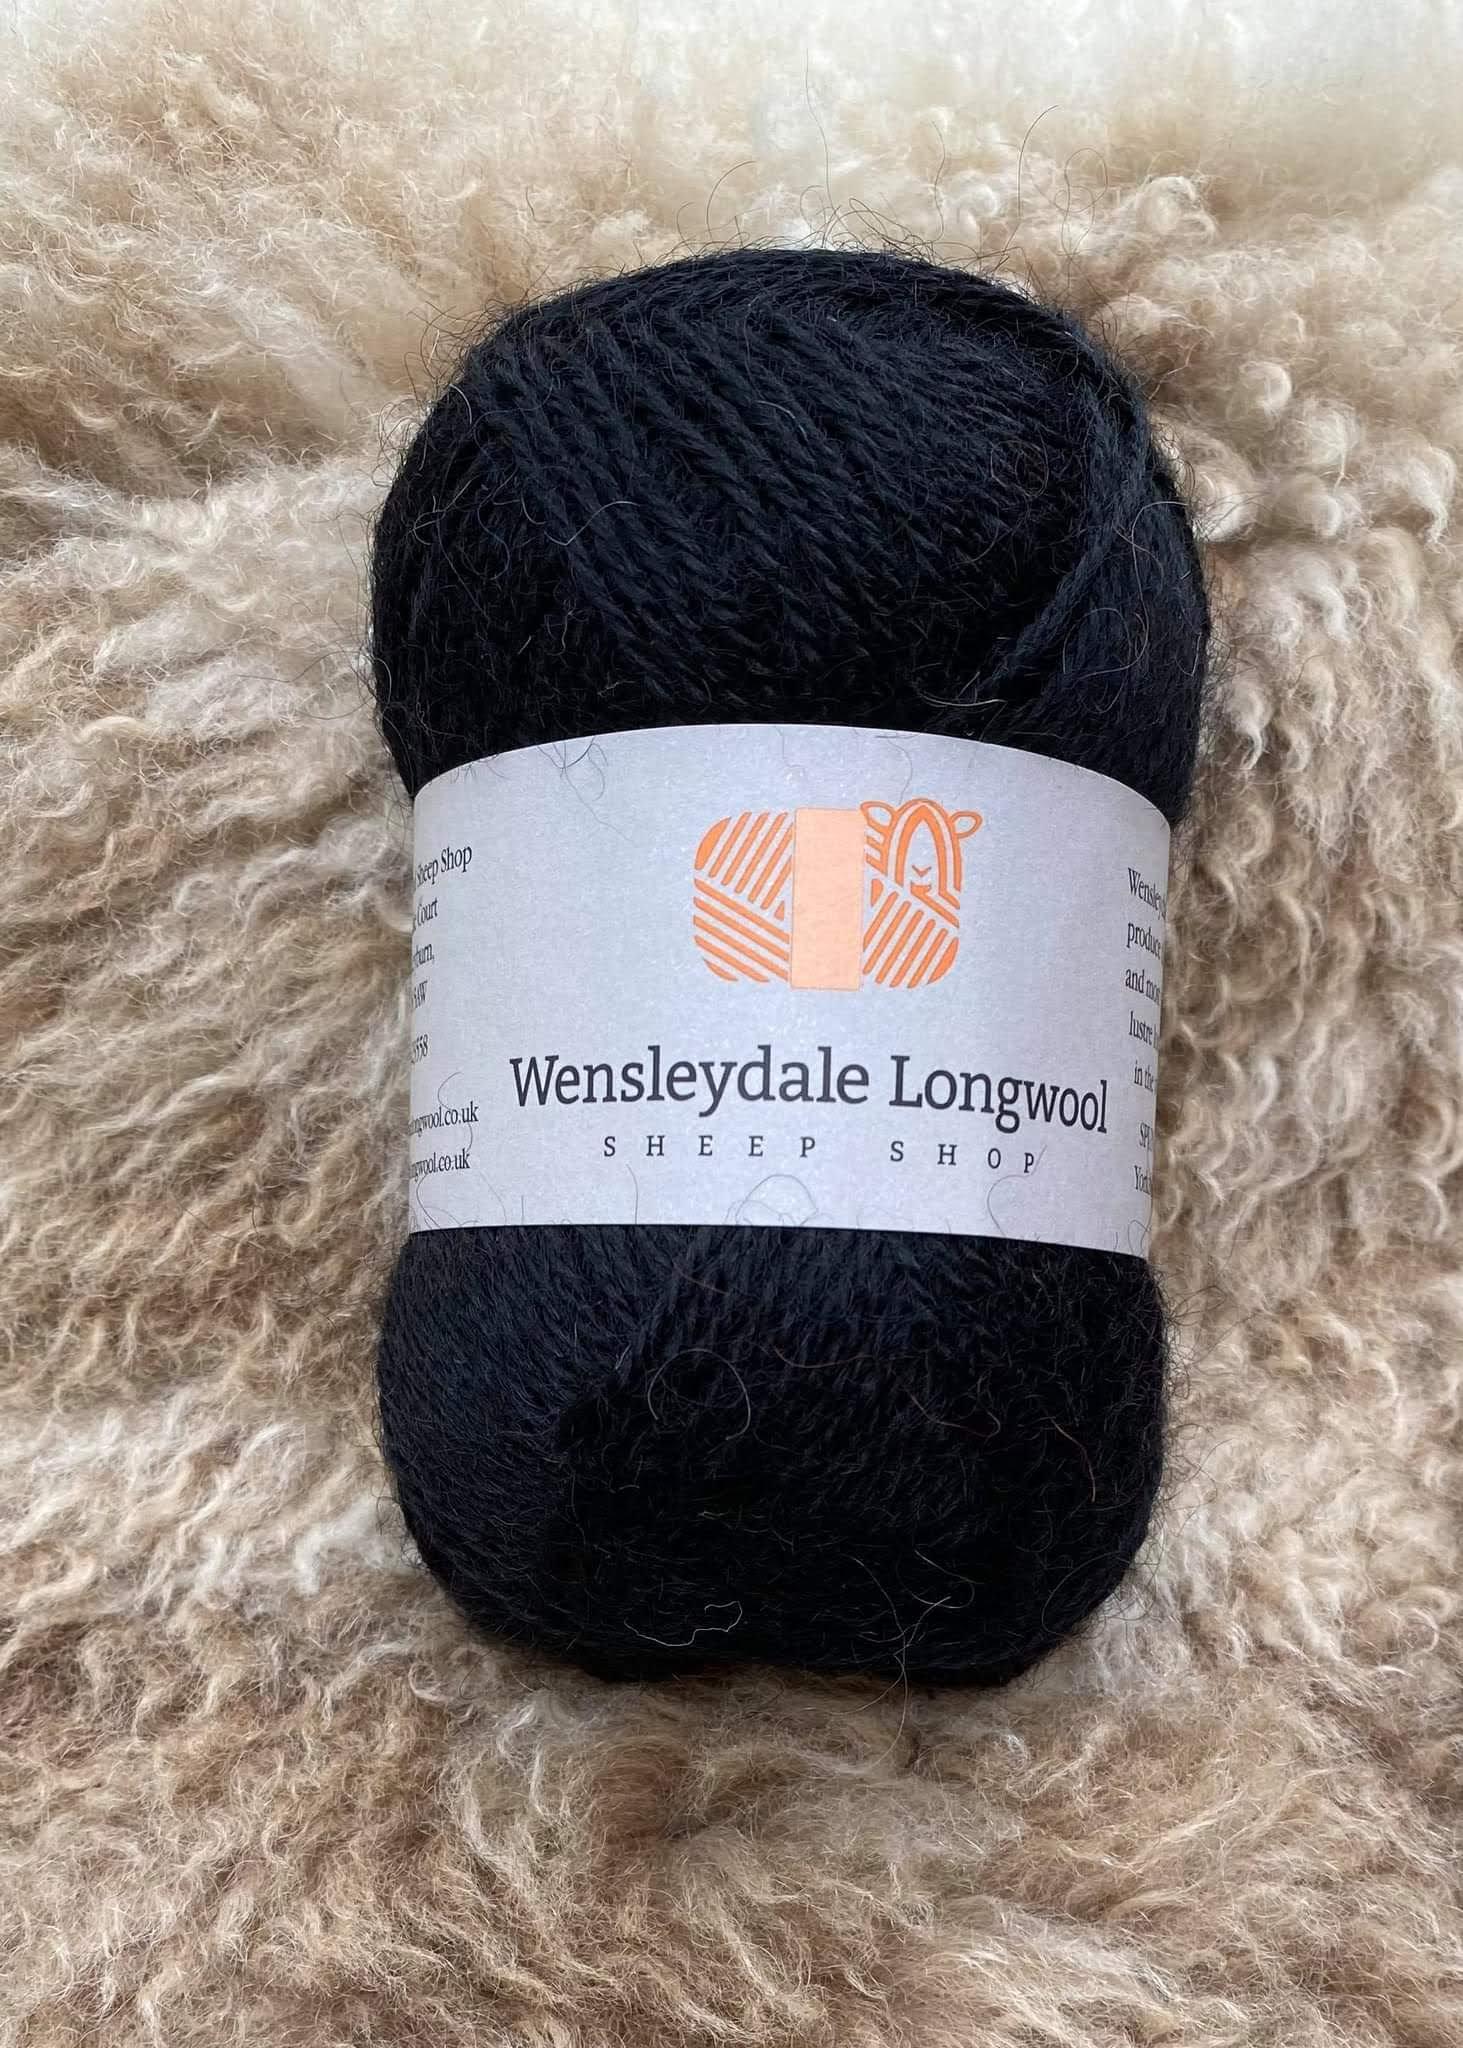 New Wensleydale limited edition Black 4ply yarn